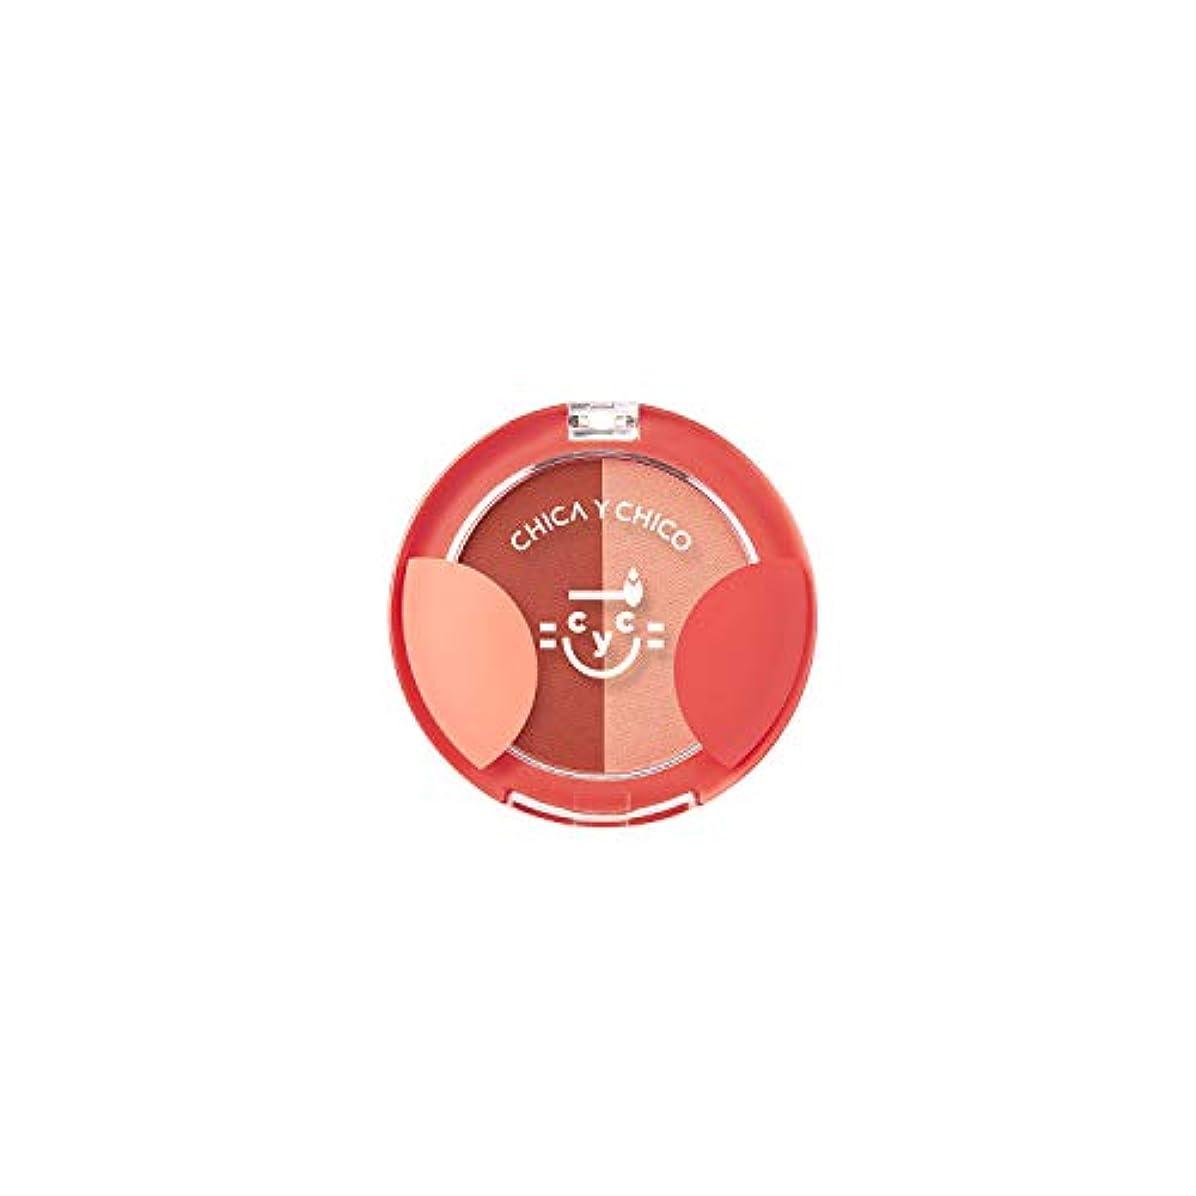 月曜慢性的控えめな[チカイチコ]ワンタッチデュオチーク4号 (ロージーボンファイア)■高発色